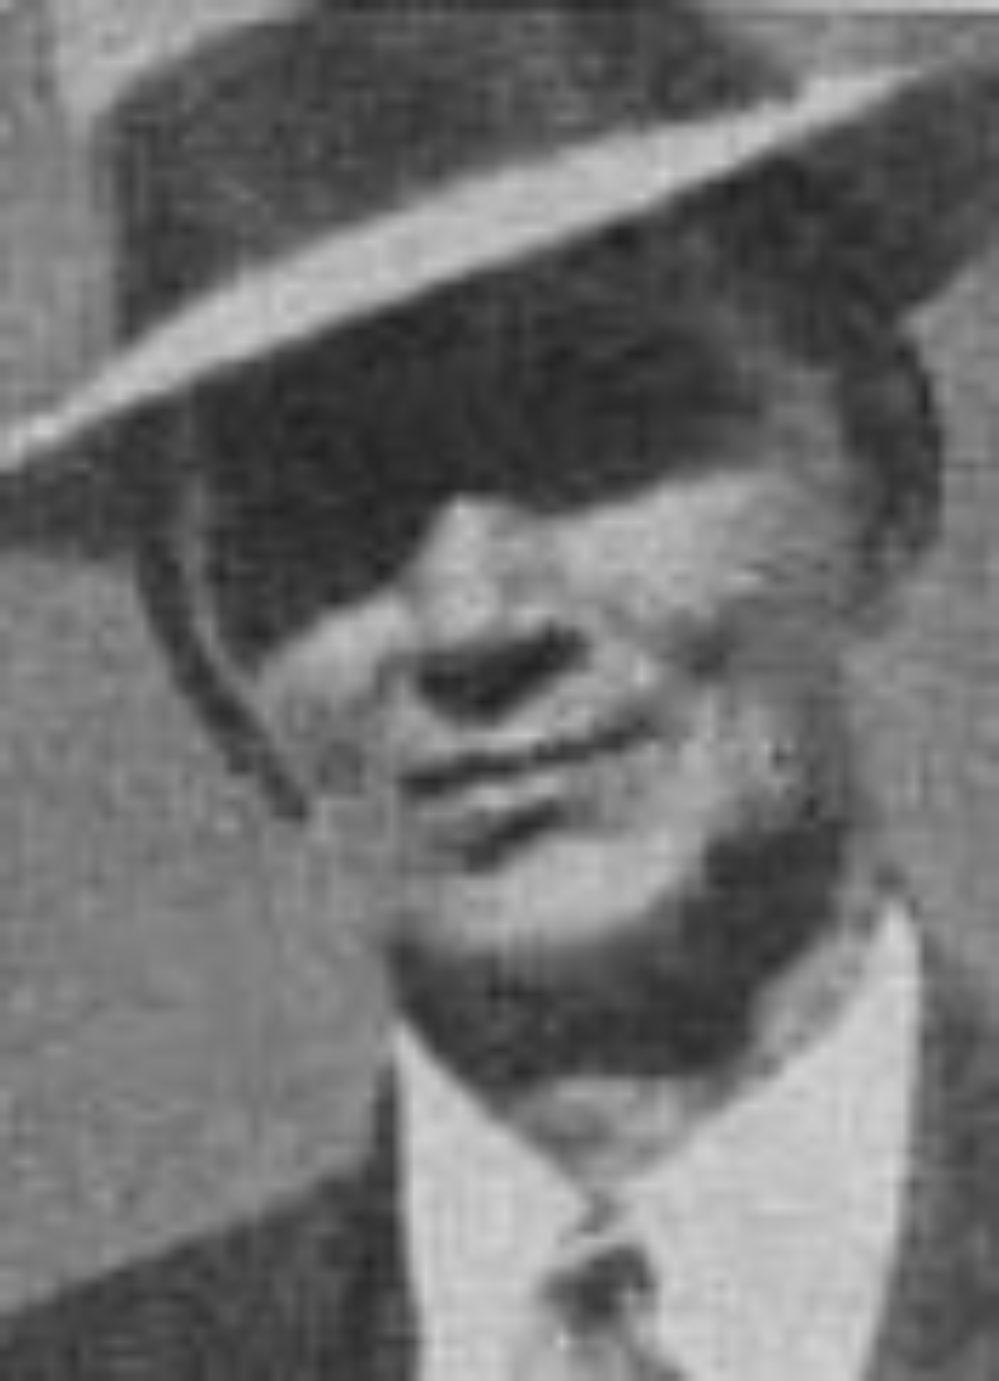 Anton Wilhelm Sørensen